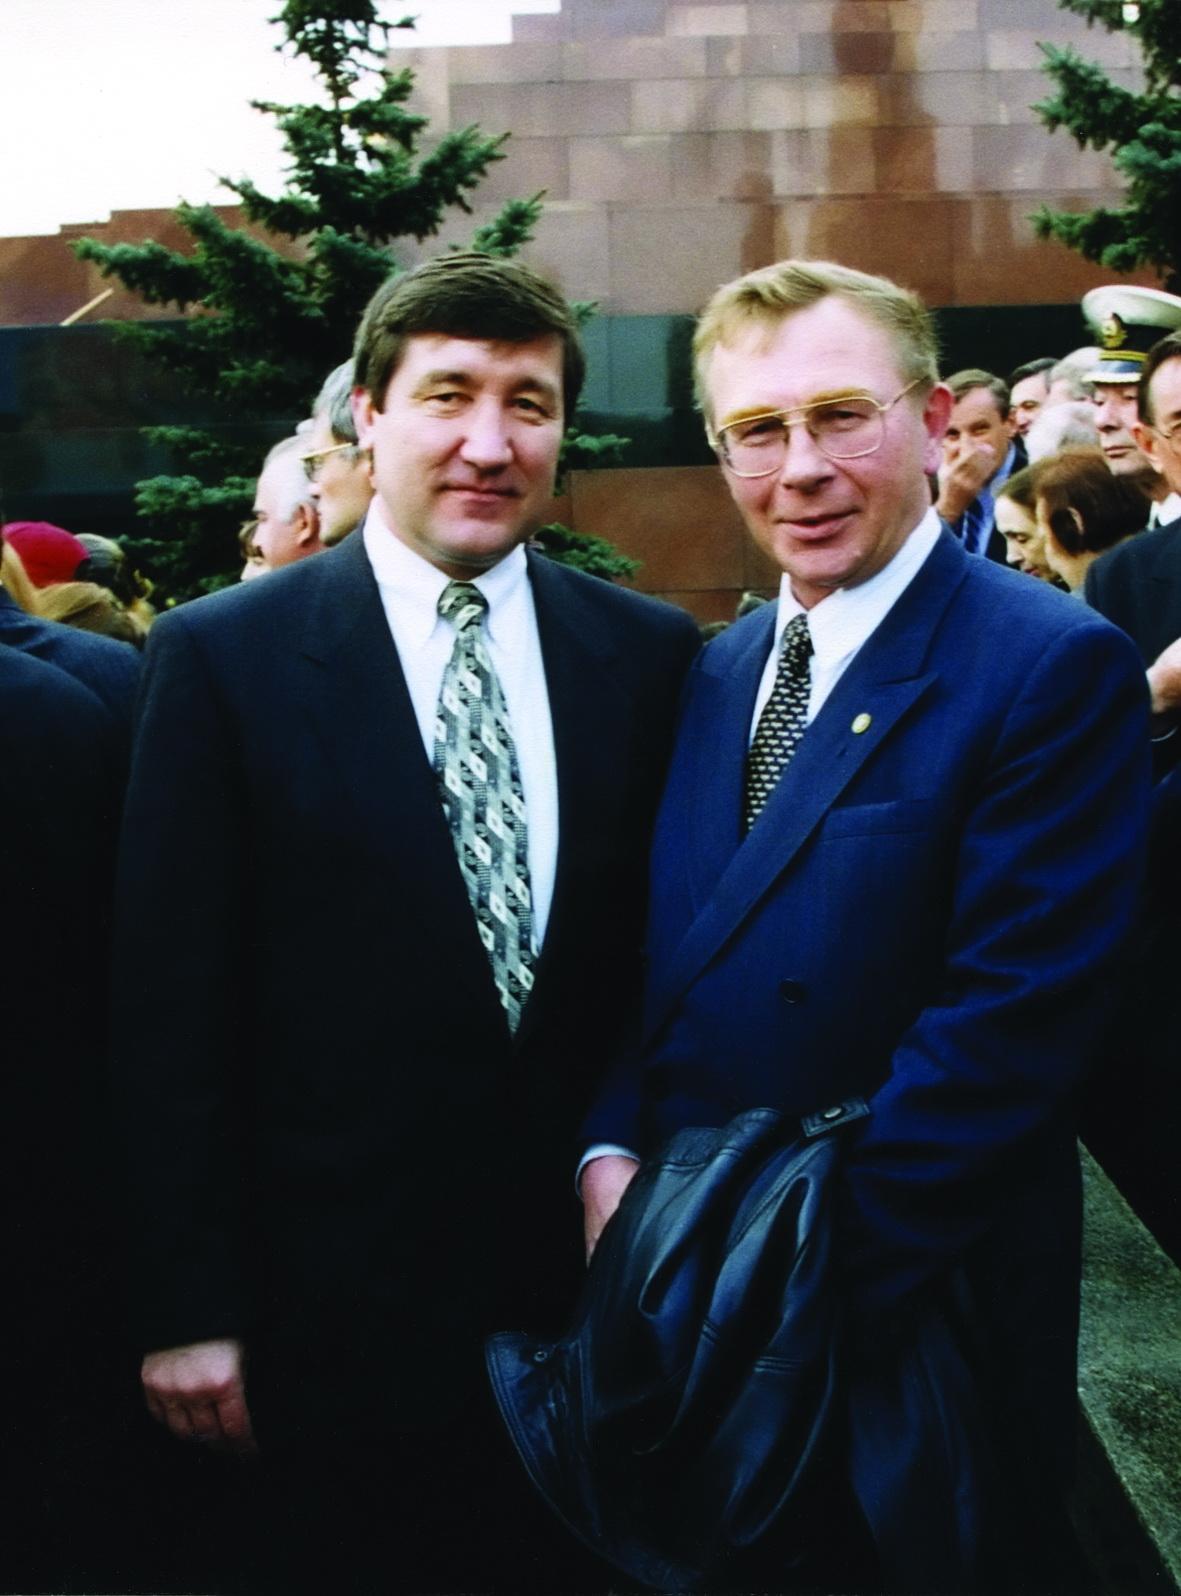 Министр топлива и энергетики Ю.К. Шафраник с министром природных ресурсов В.П. Орловым; Красная площадь, 1996 г.